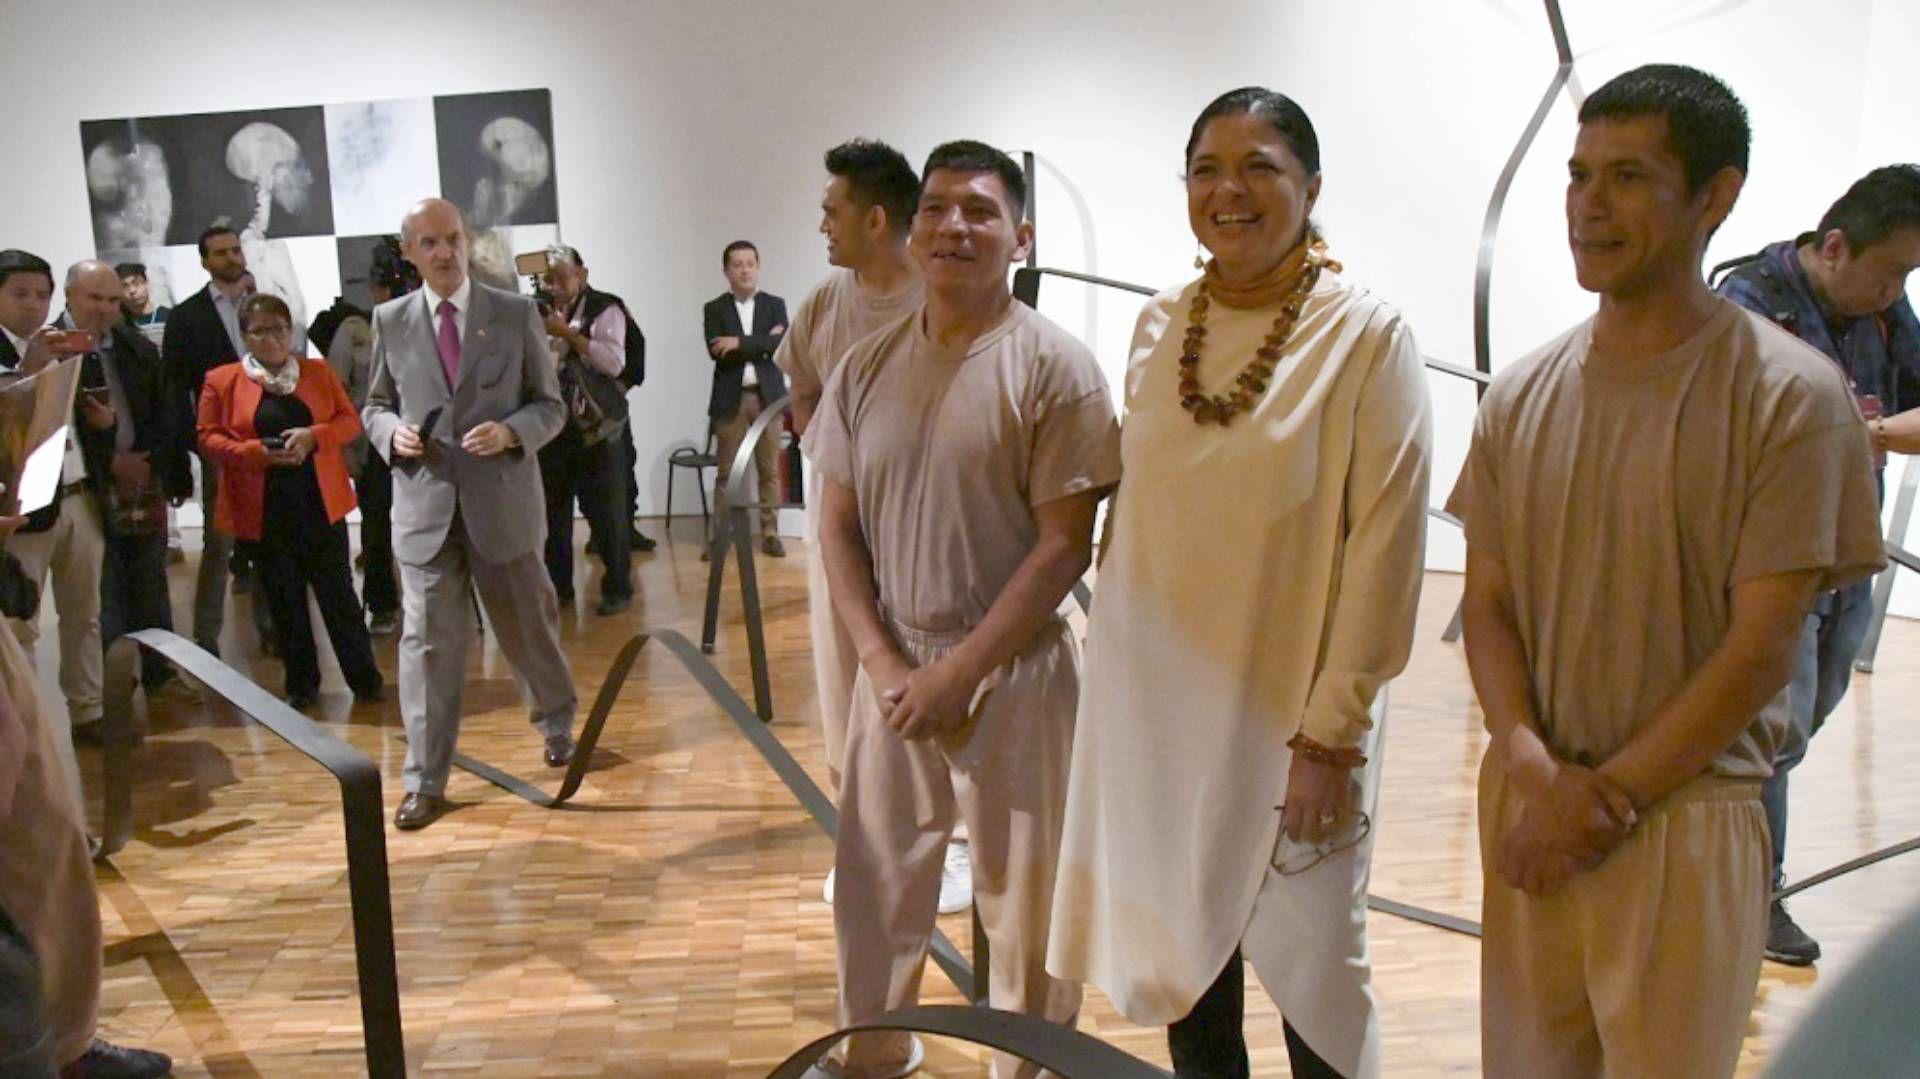 Los internos fueron custodiados, pero se les permitió expresarse y disfrutar (Foto: Francisco Segura/ Conaculta)